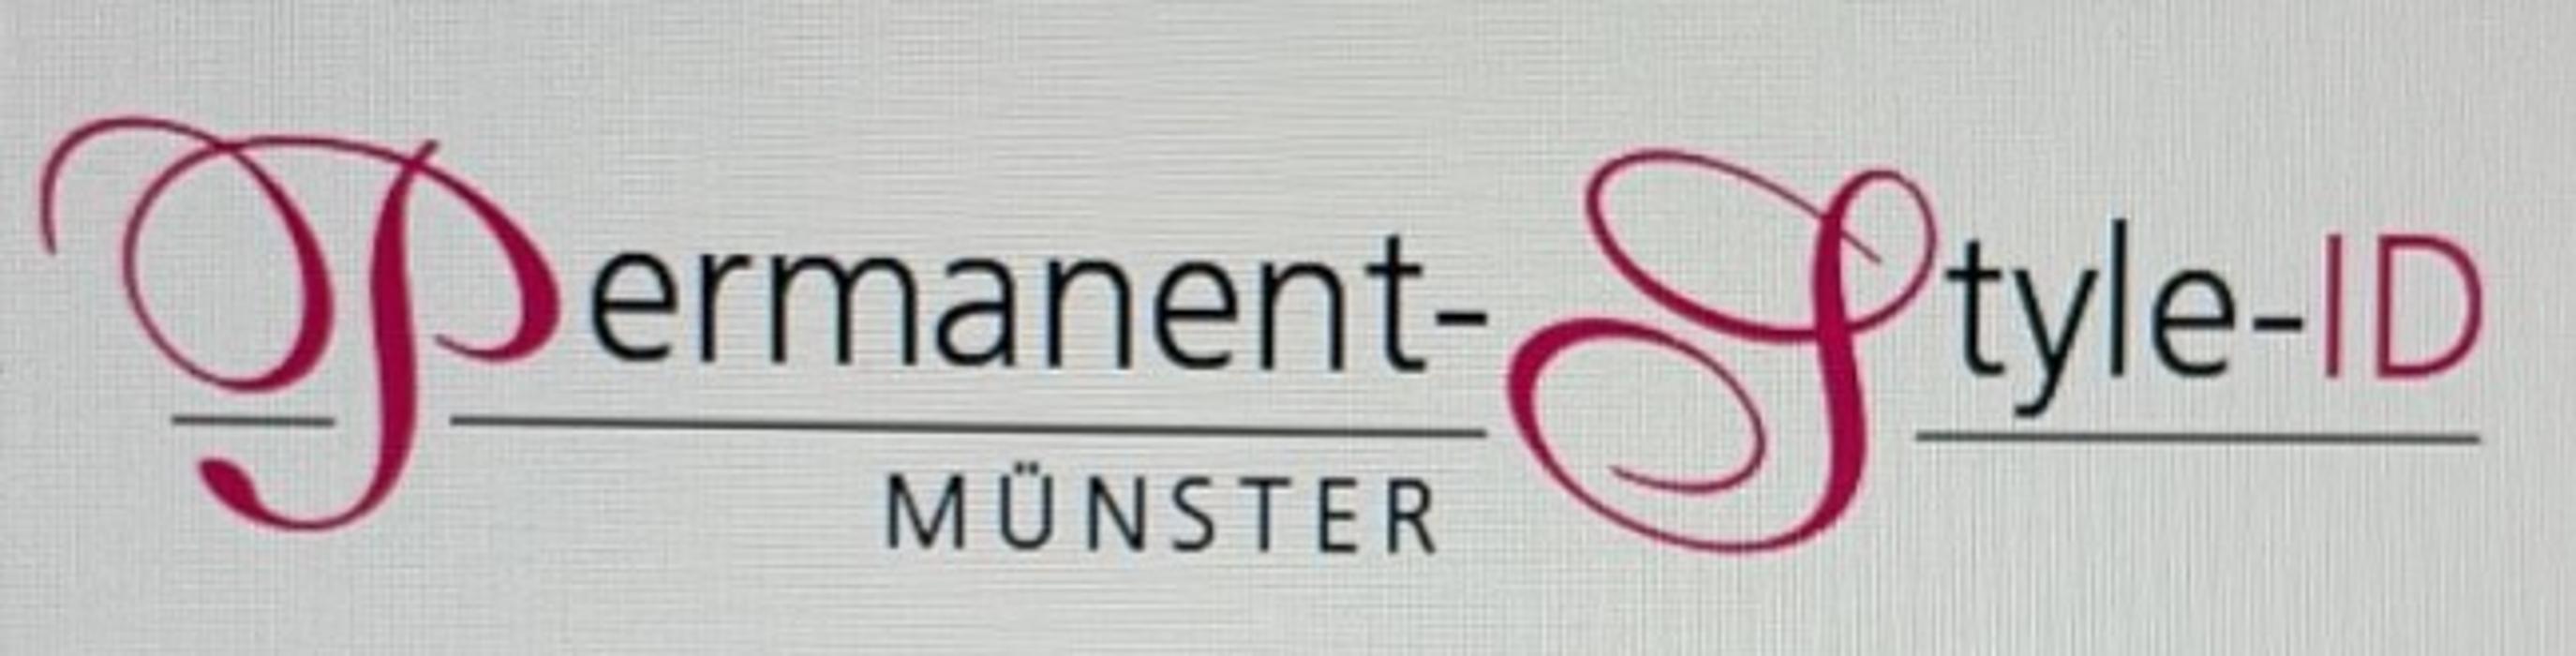 Bild zu Kosmetikstudio Permanent-Style-ID in Münster